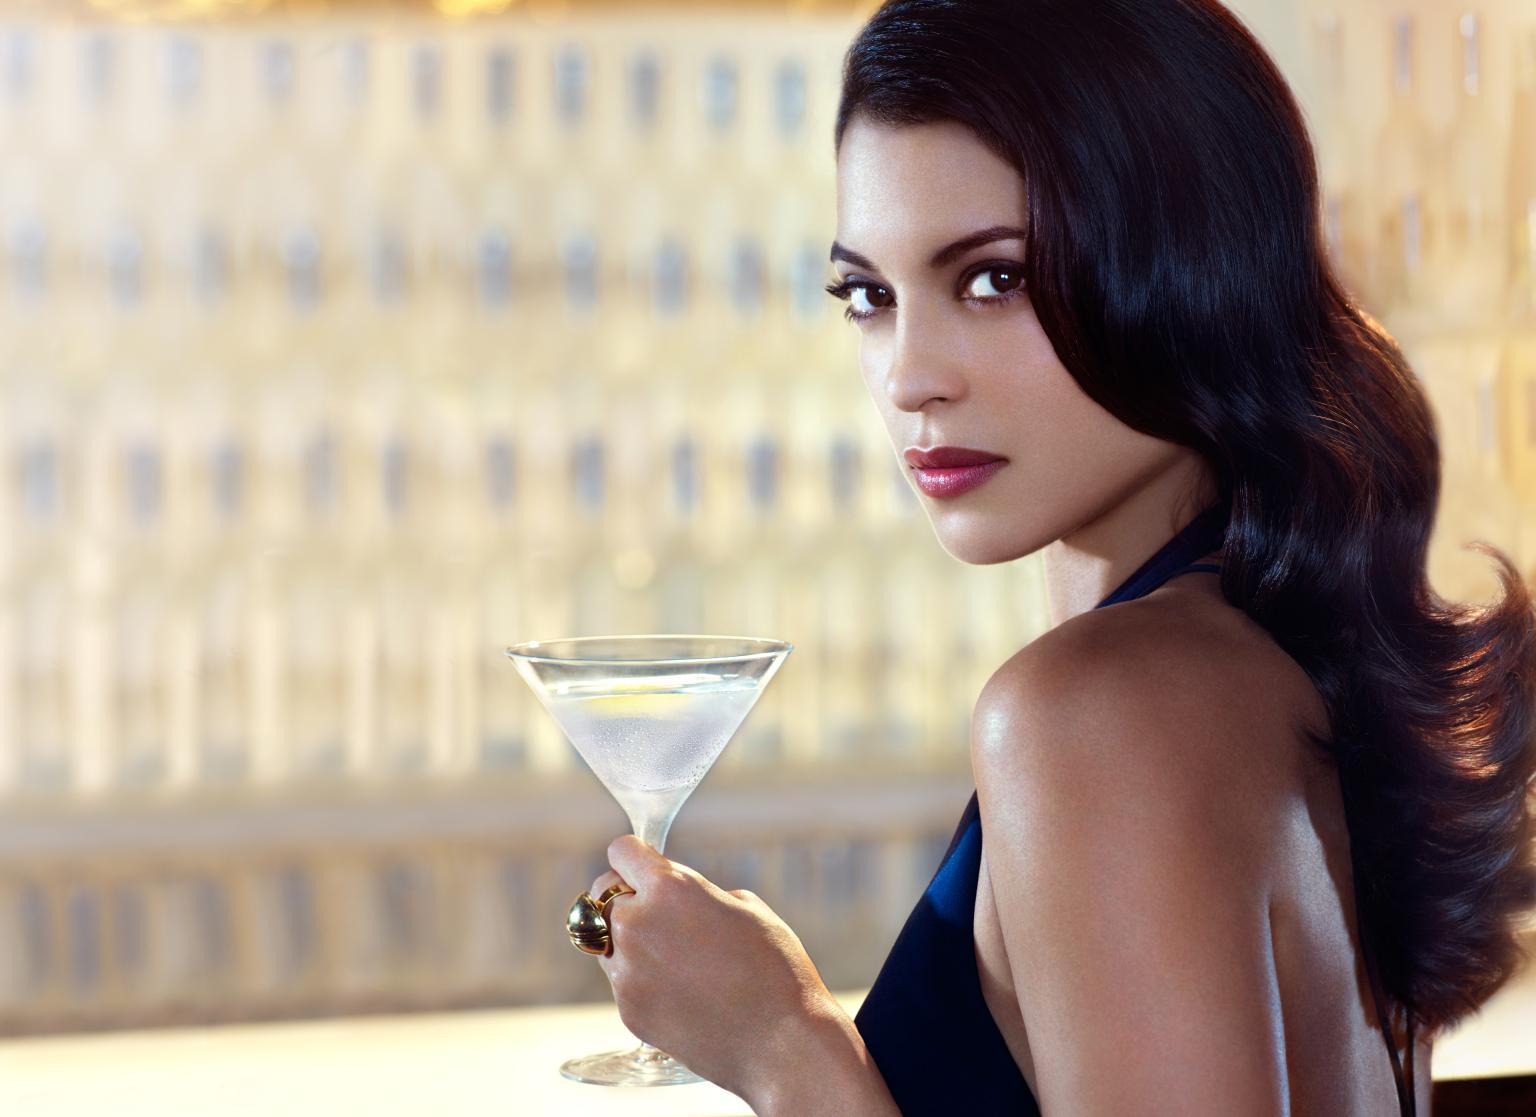 belvedere_vodka_stephanie-sigman-visual-1-1.jpg